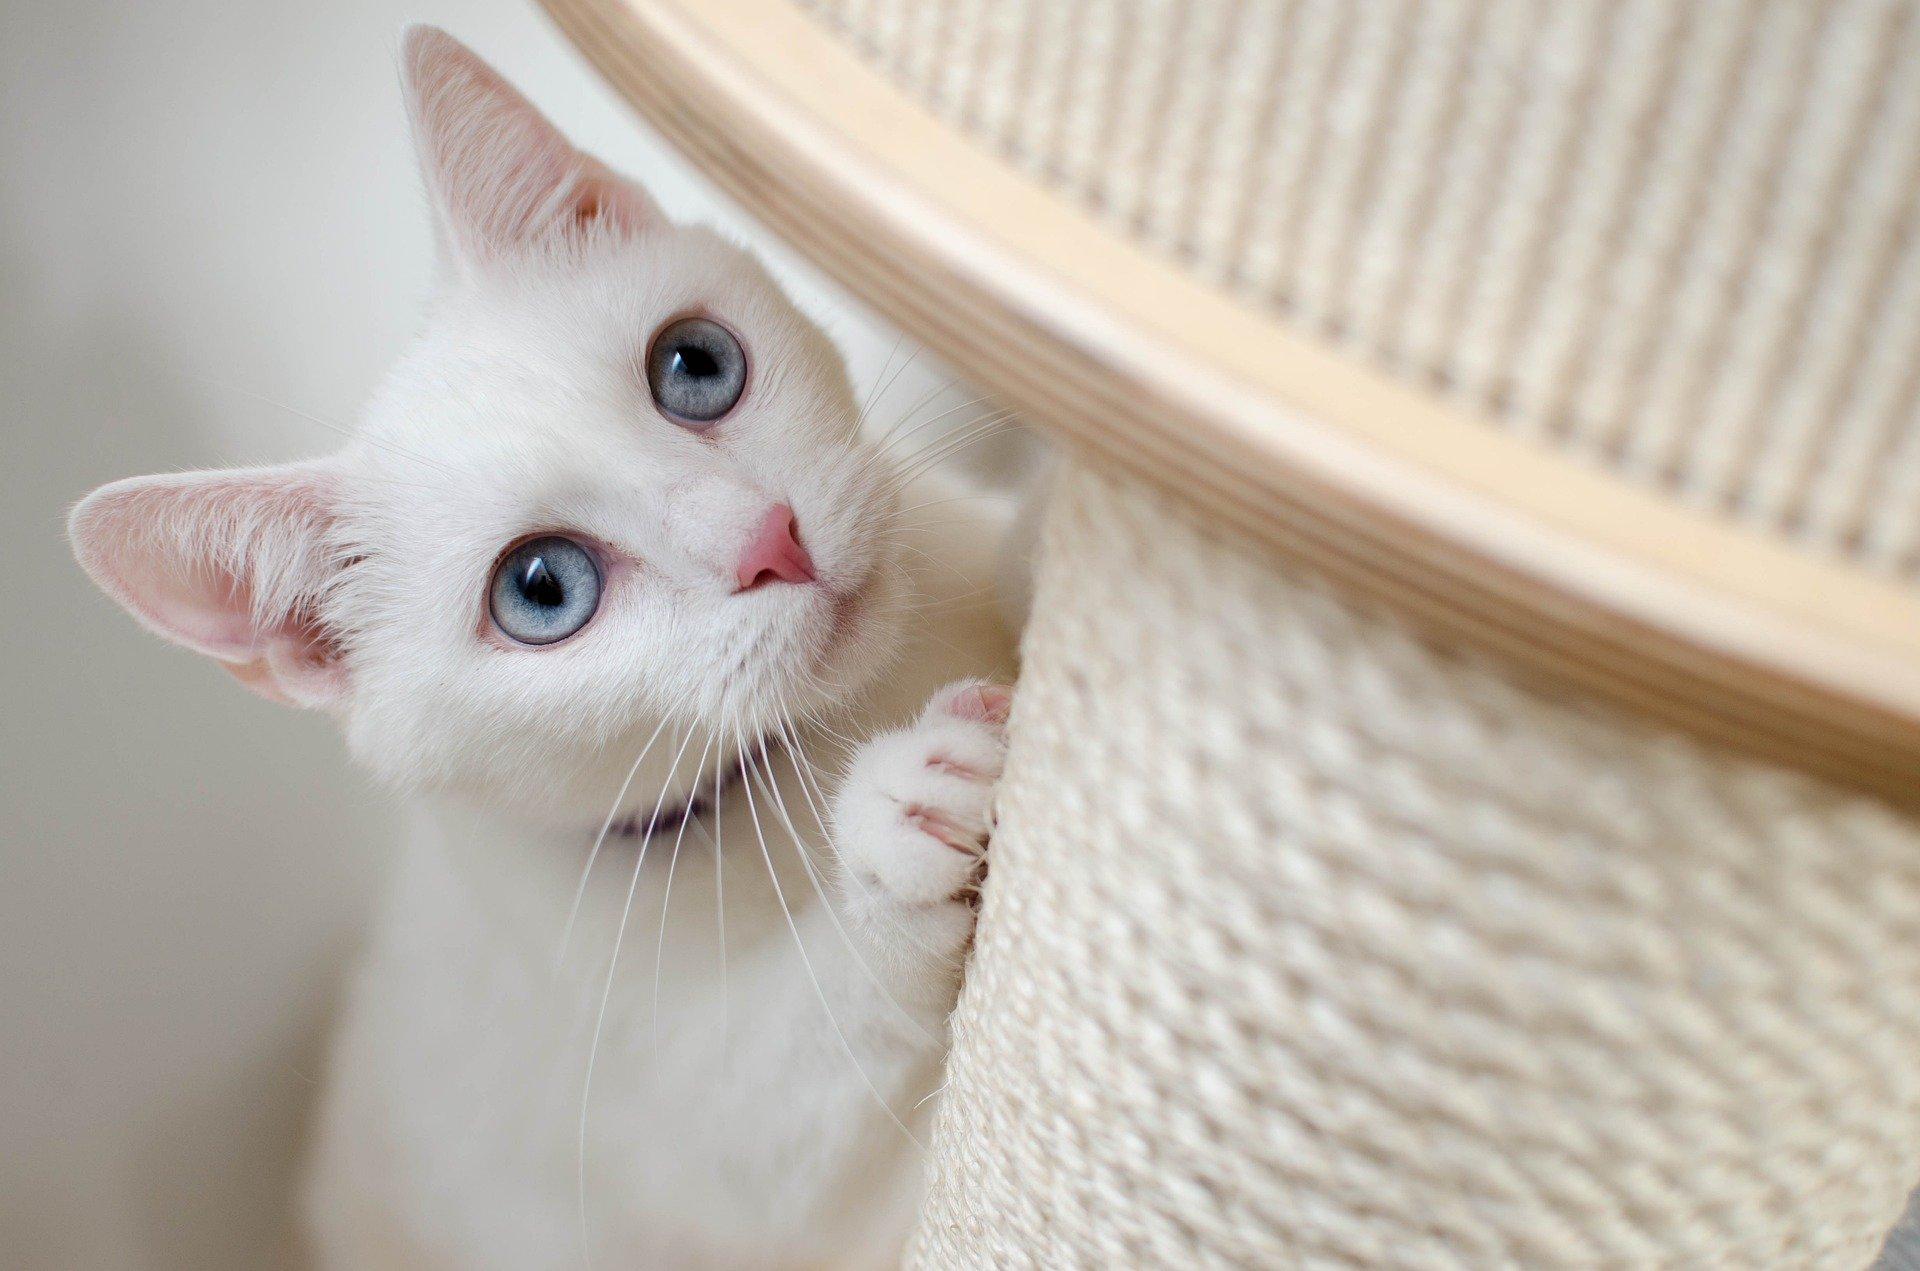 Katze kratzt an Möbeln abgewöhnen